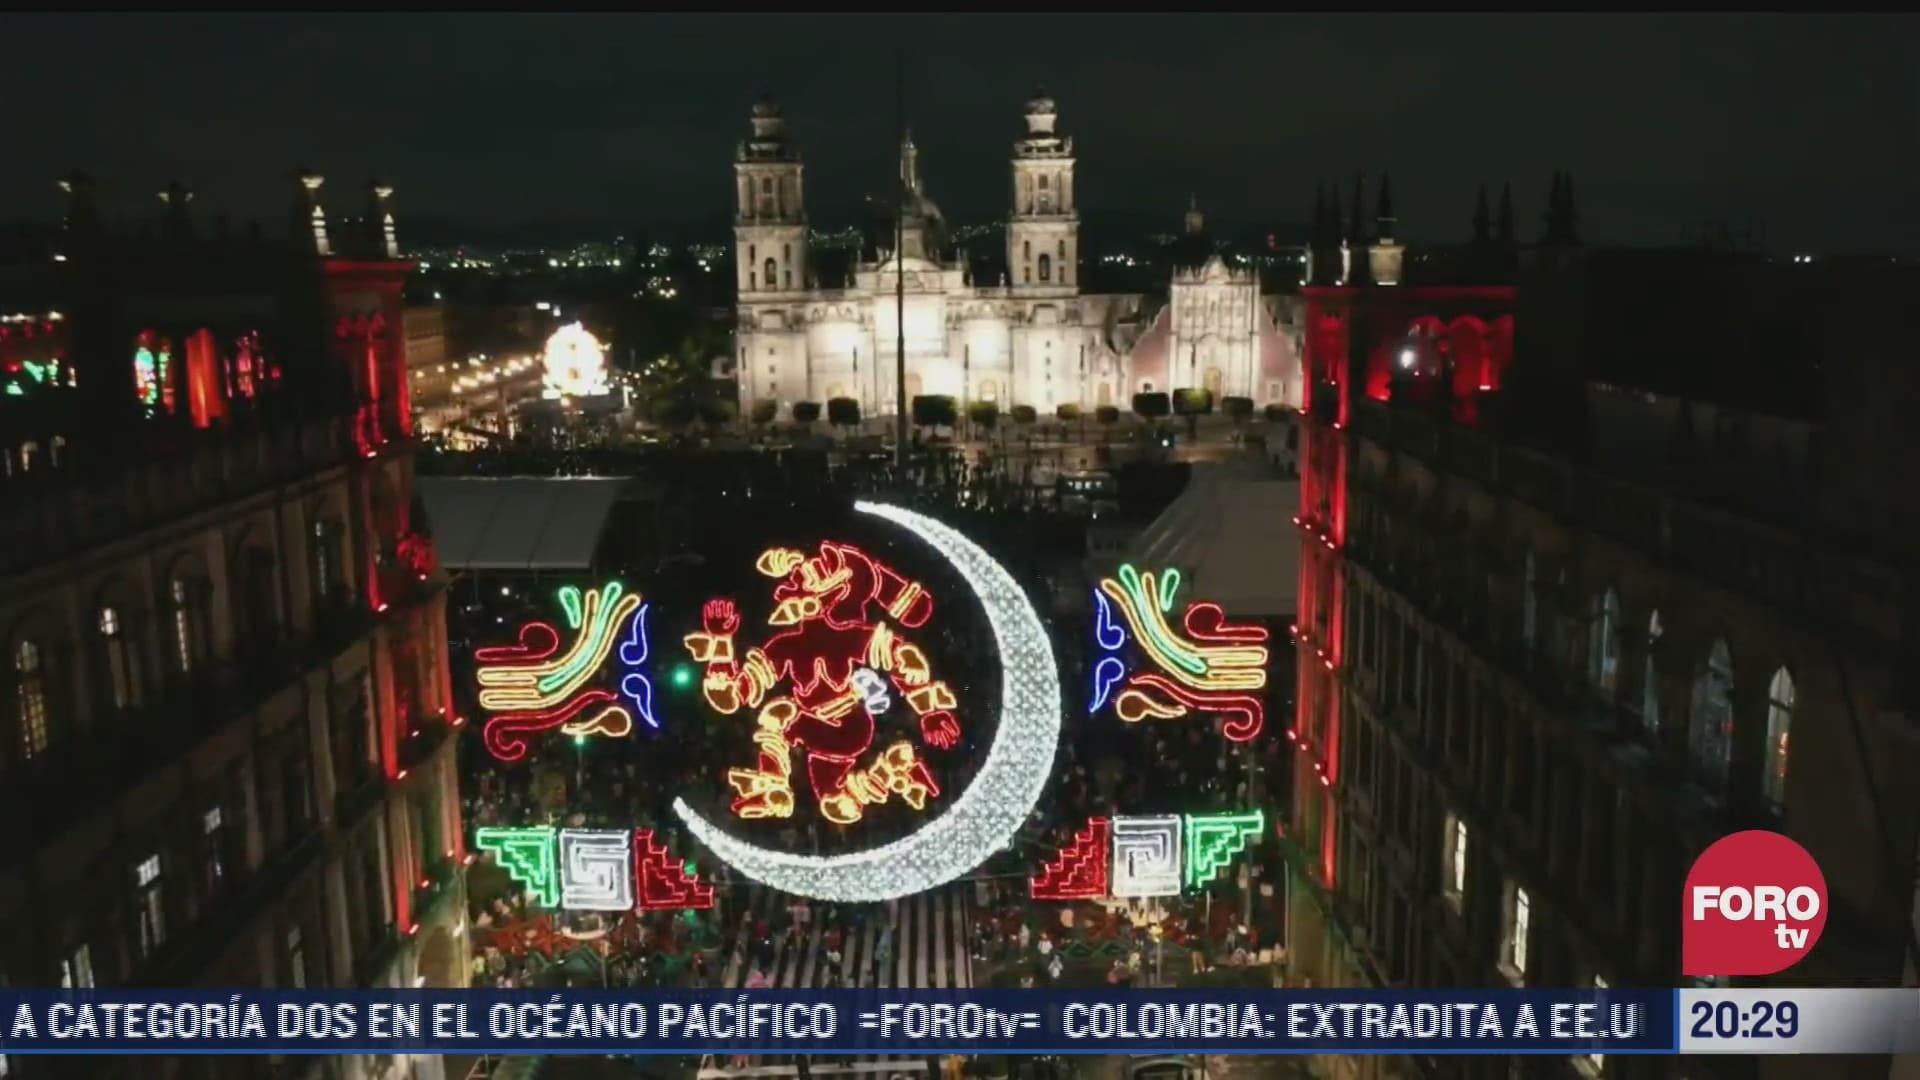 video espectaculo de luz sobre mexico tenochtitlan